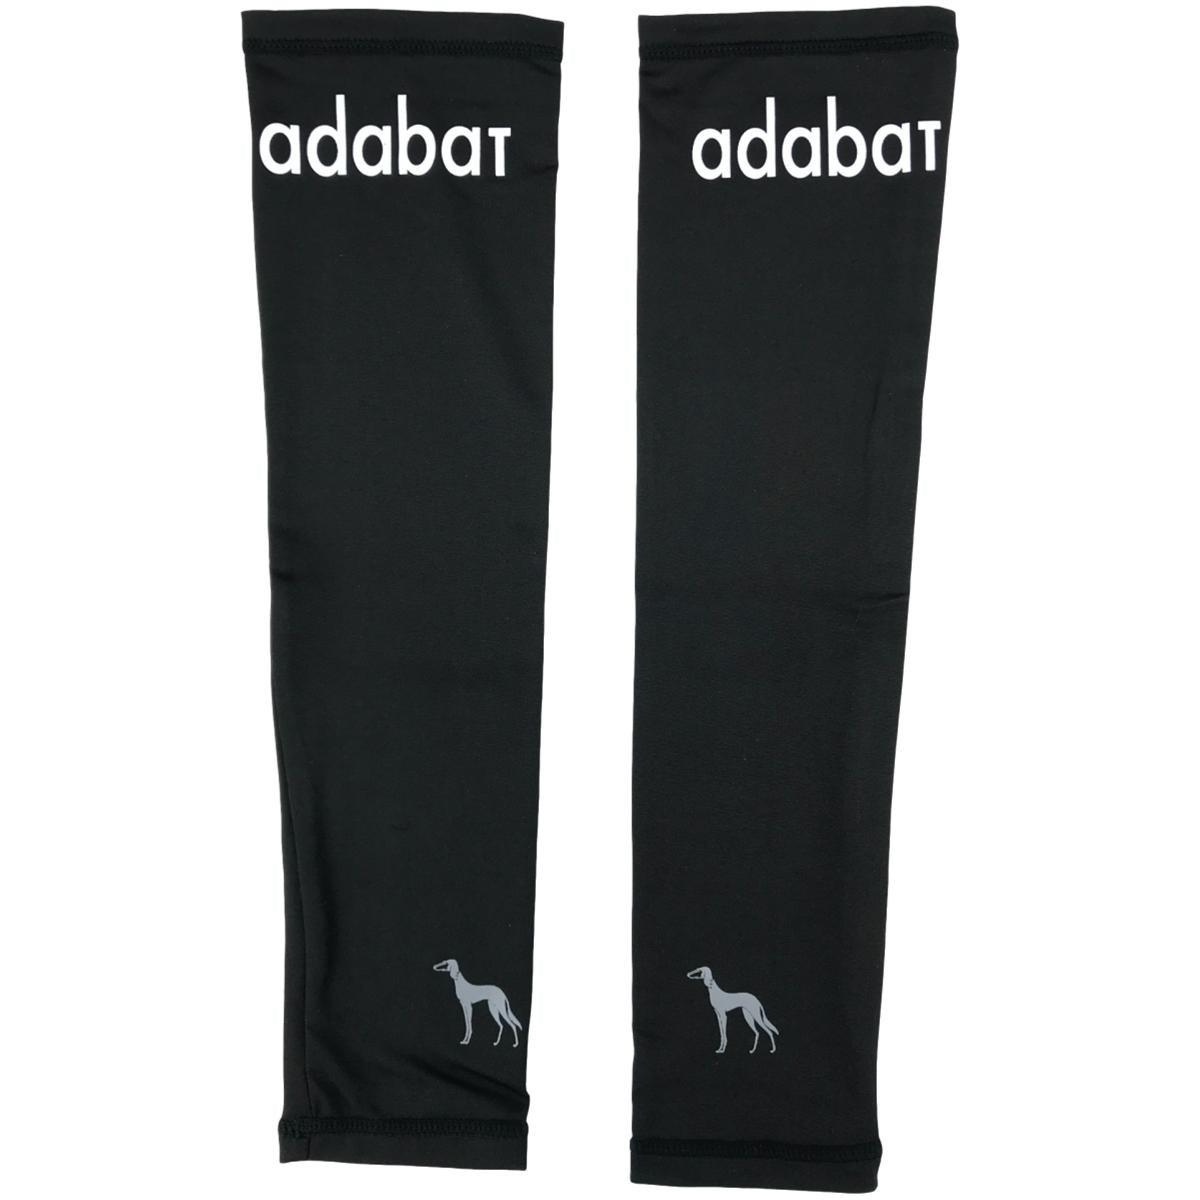 アダバット adabat 肩ロゴアームカバー ブラック 98 フリー レディス